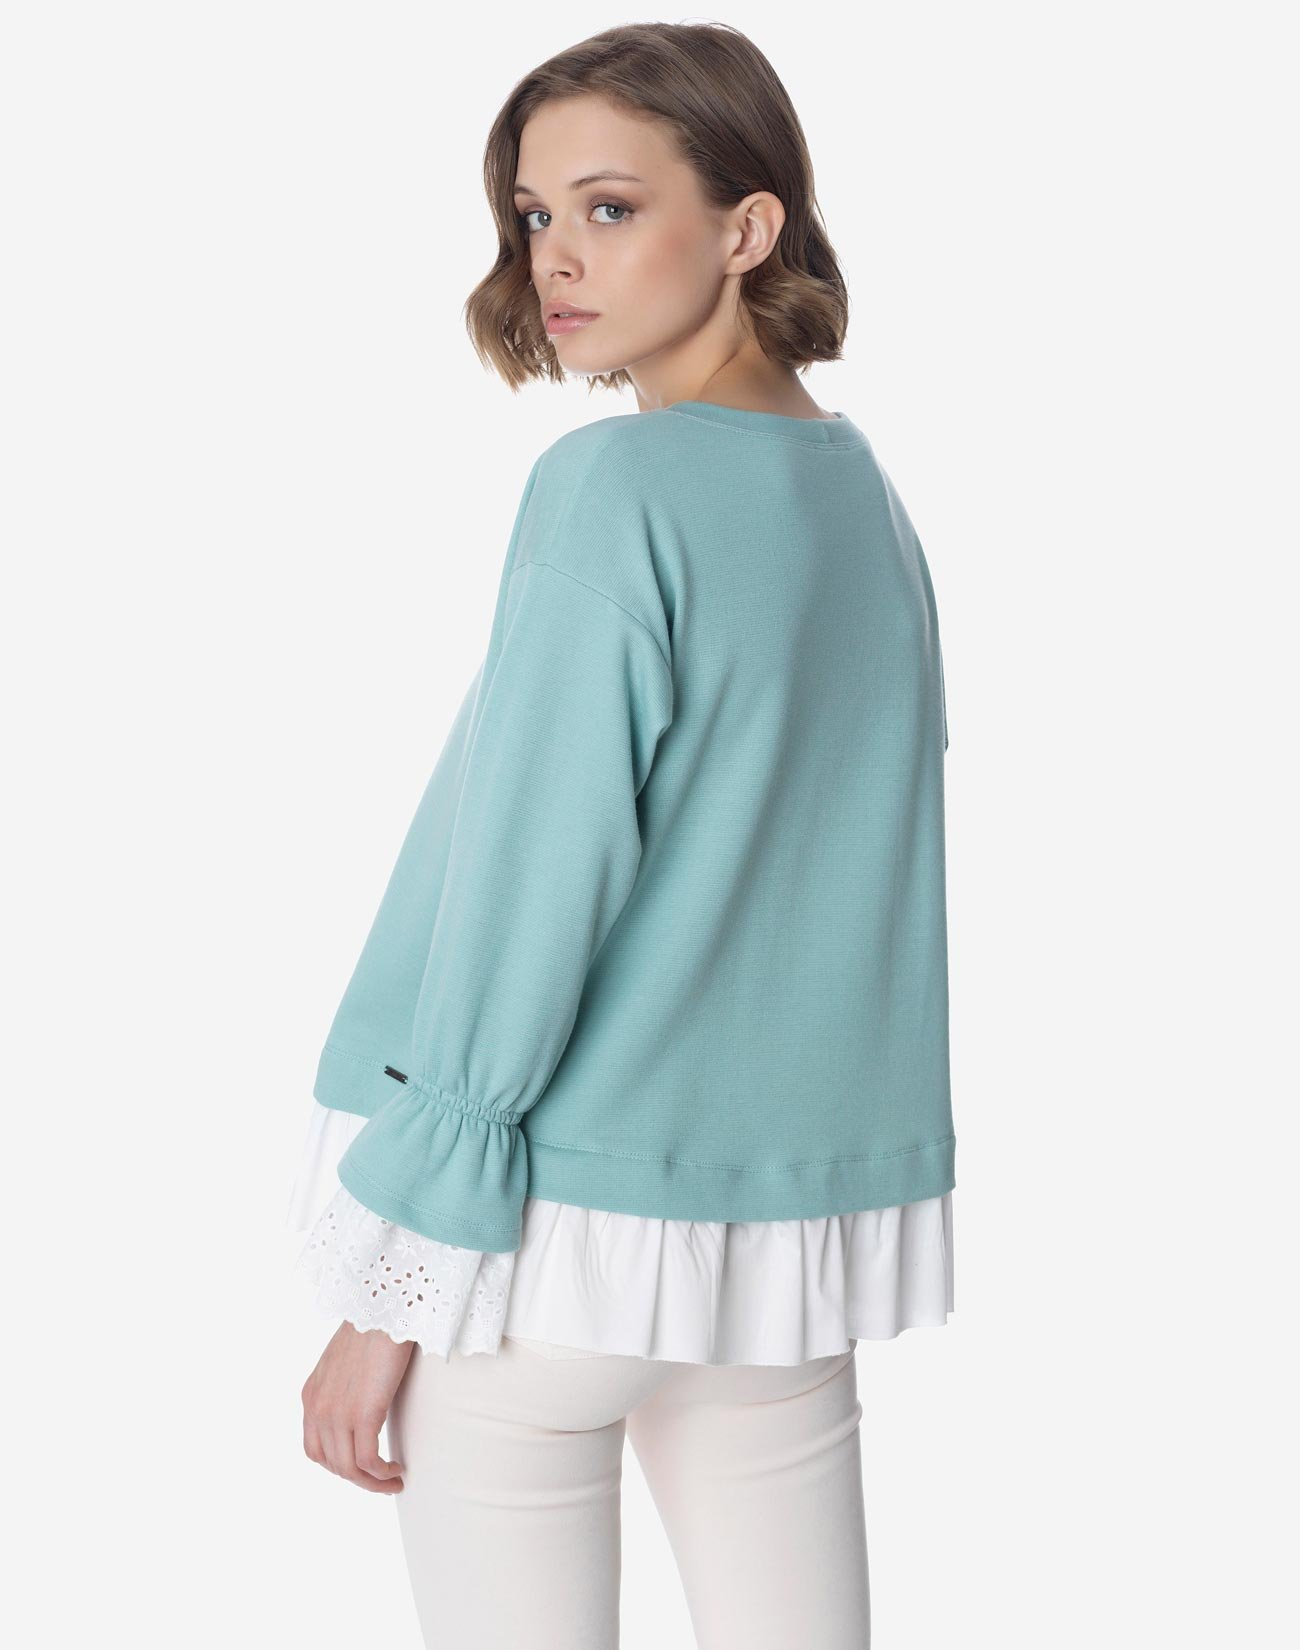 Μπλούζα φούτερ σε συνδυασμό